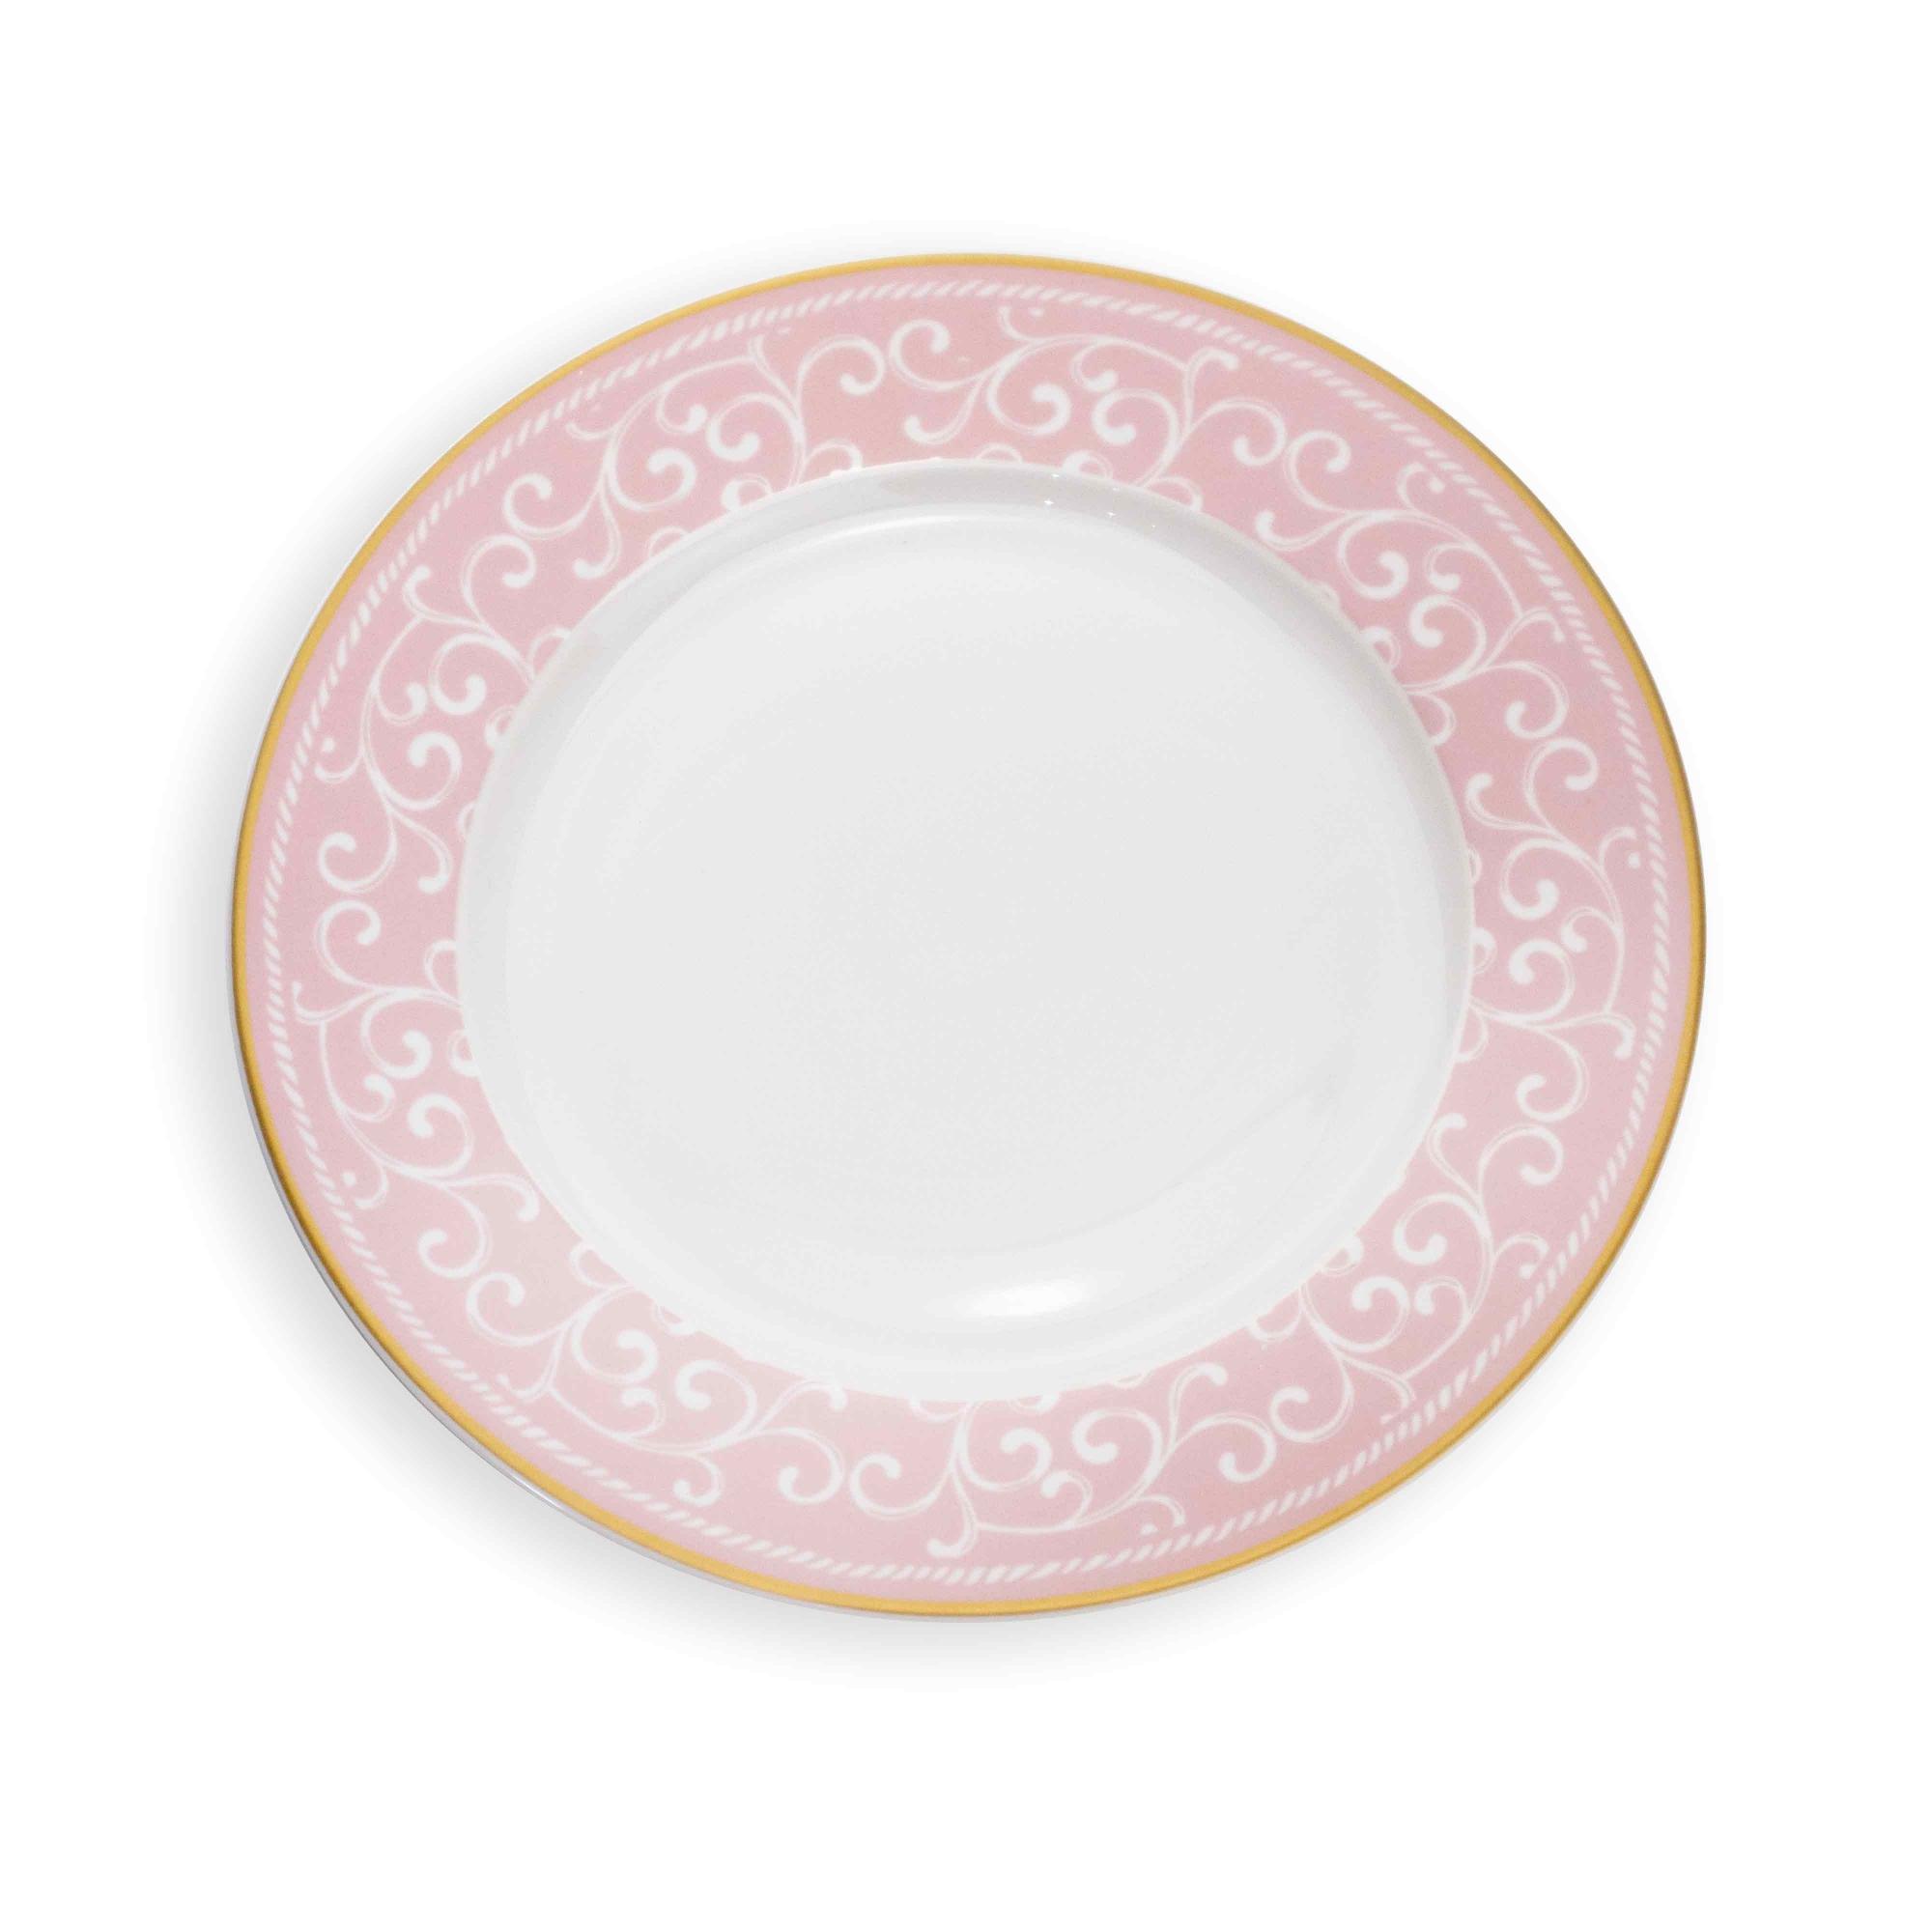 Prato de Sobremesa em Cerâmica com Detalhe de Arabesco Rosa e Dourado 20 cm - D'Rossi